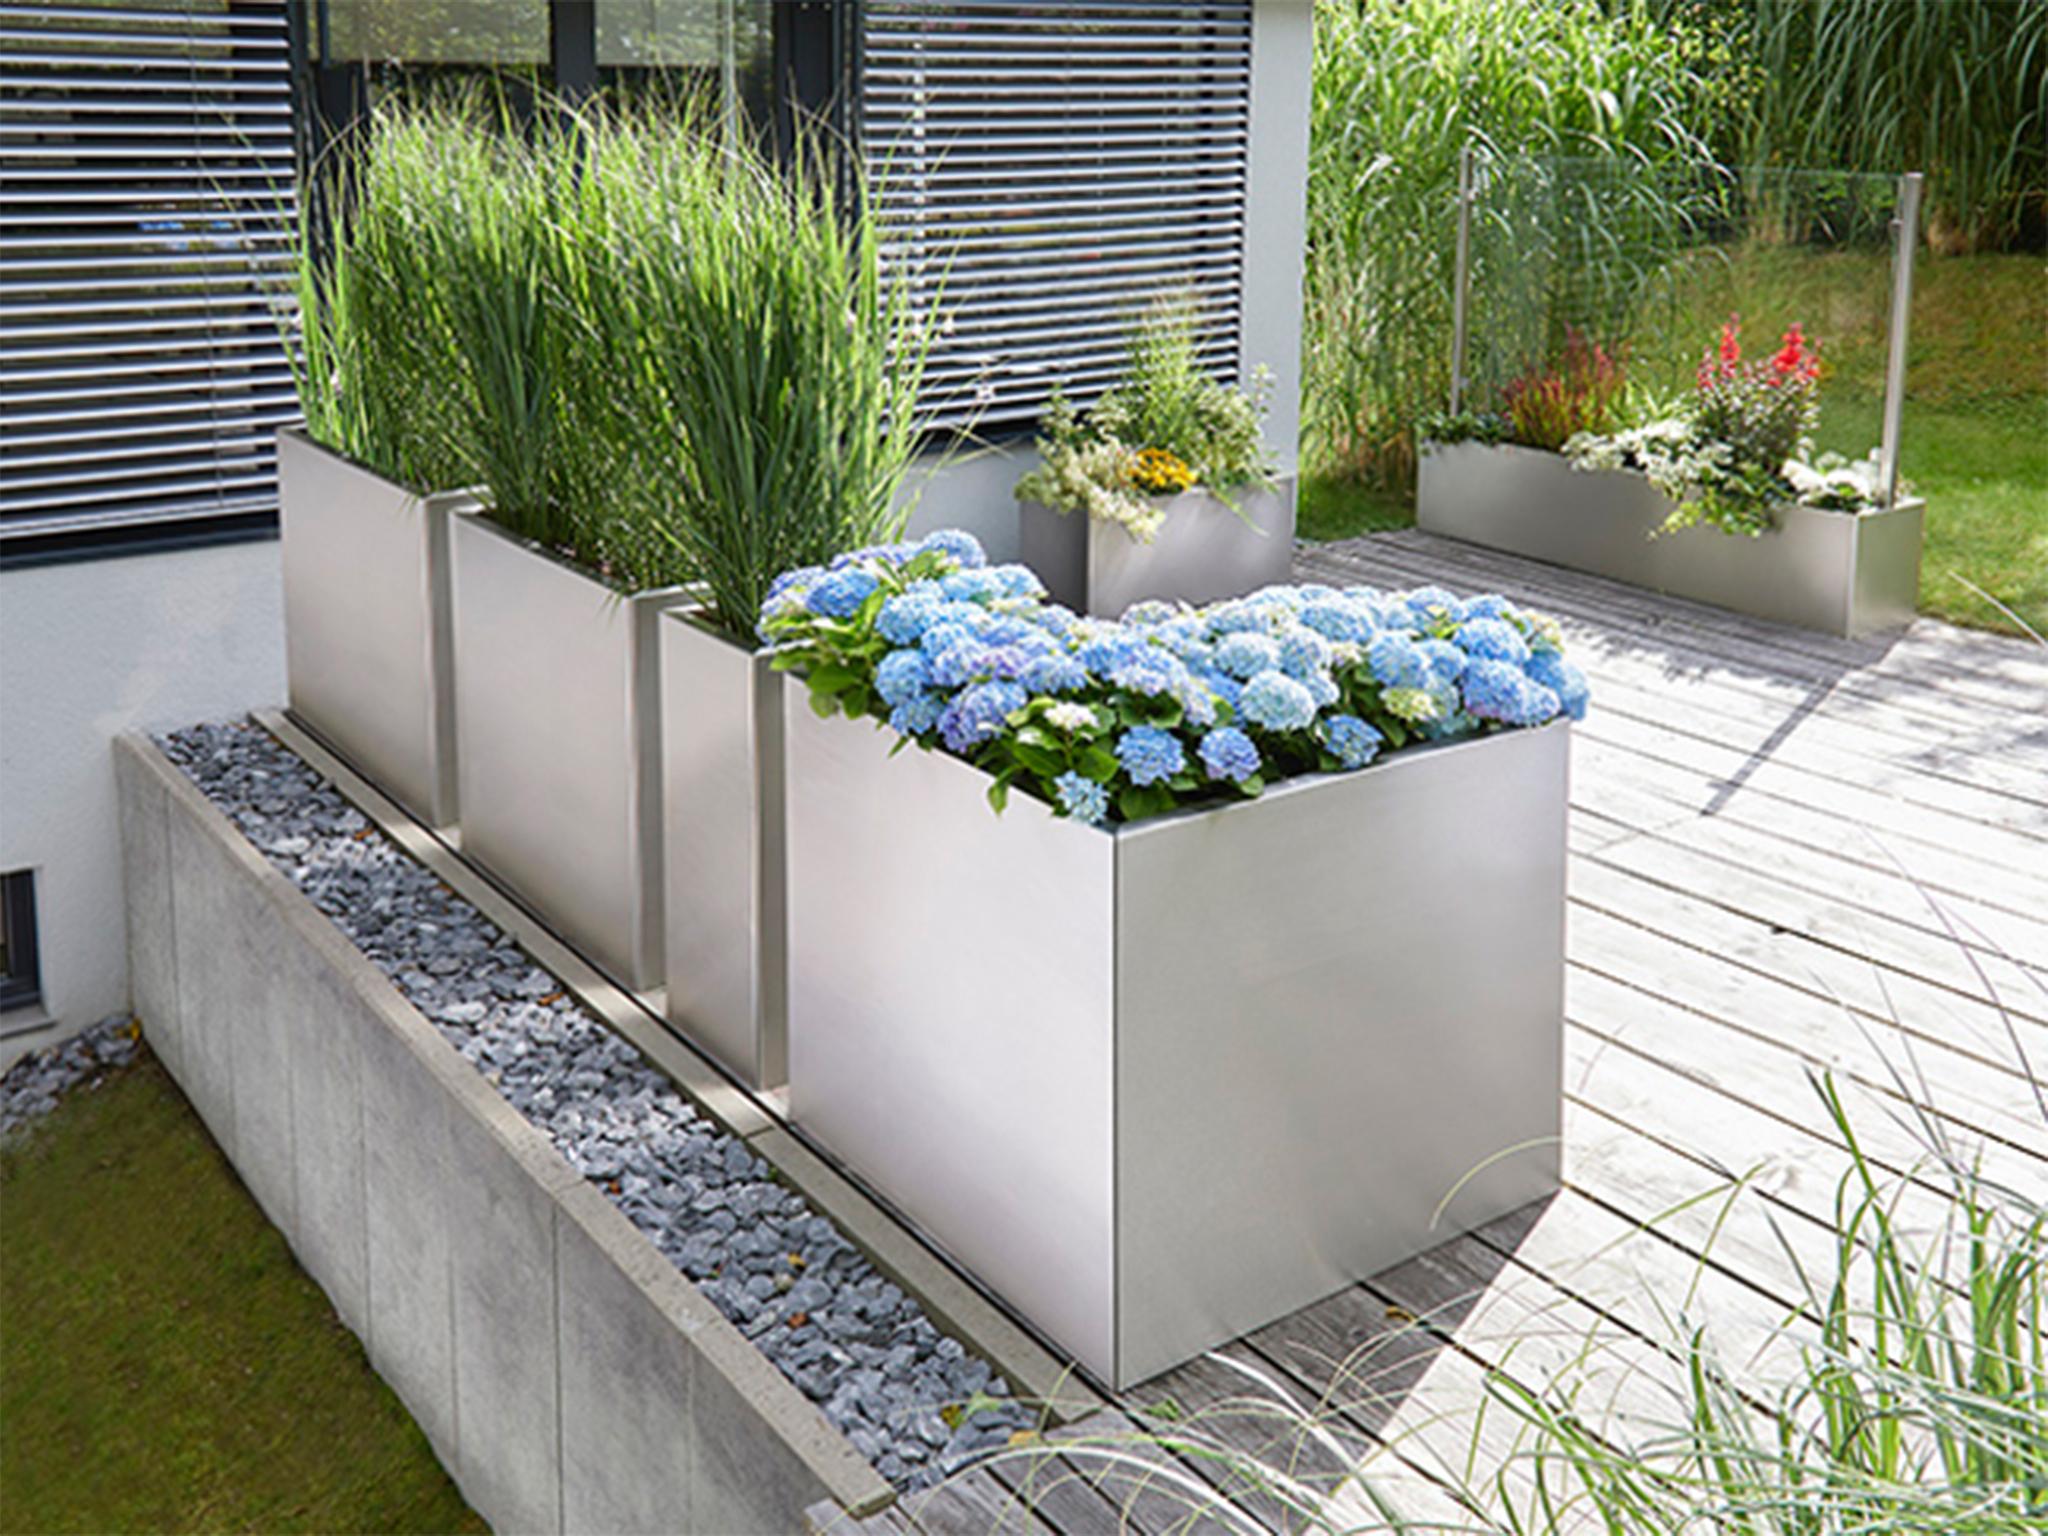 Moderne Gartenausstattung von Glasprofi24. Foto: Glasprofi24